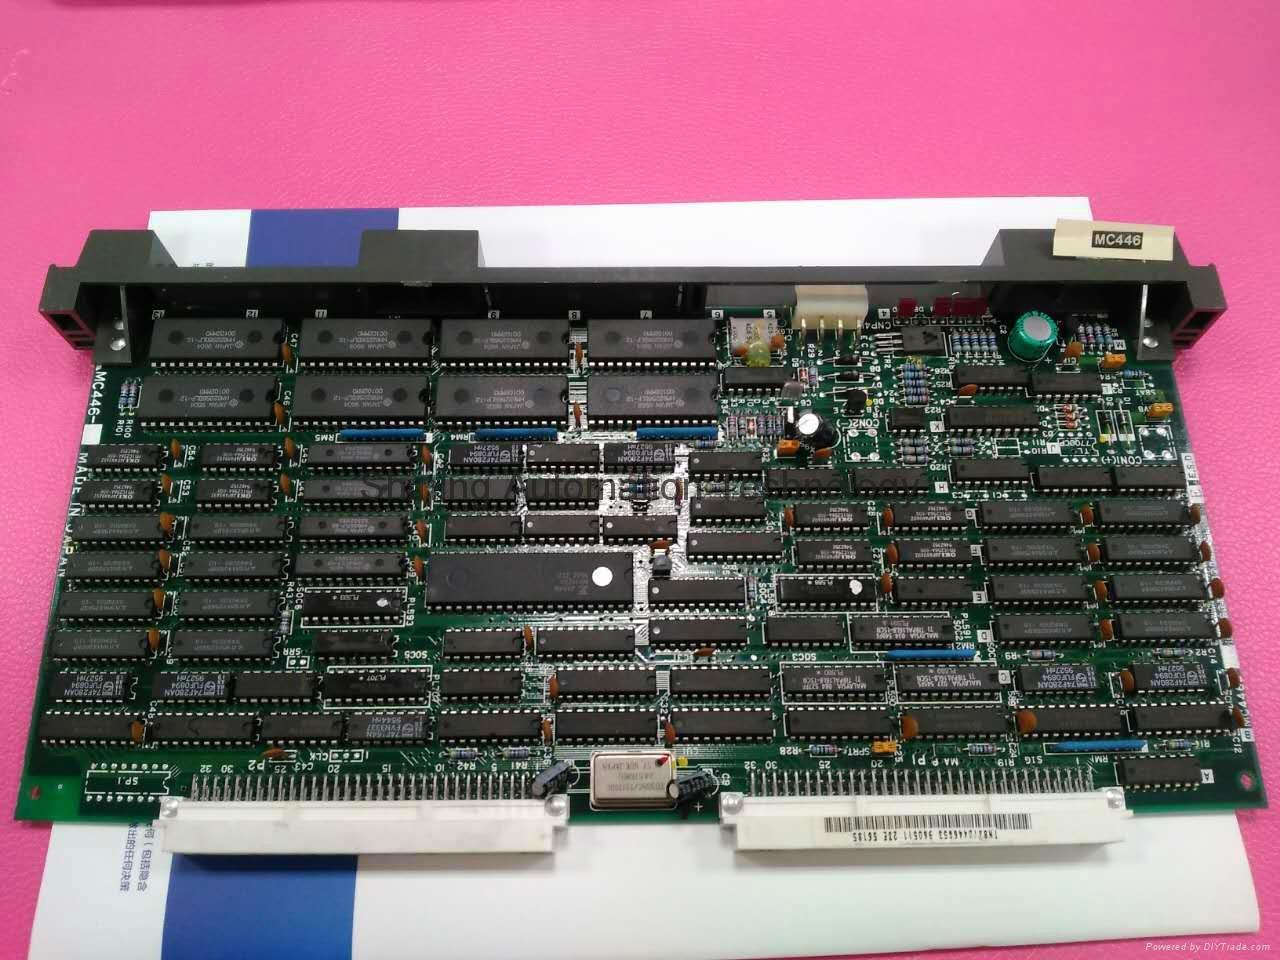 MC446,Mitsubishi PCB board,new and original 1